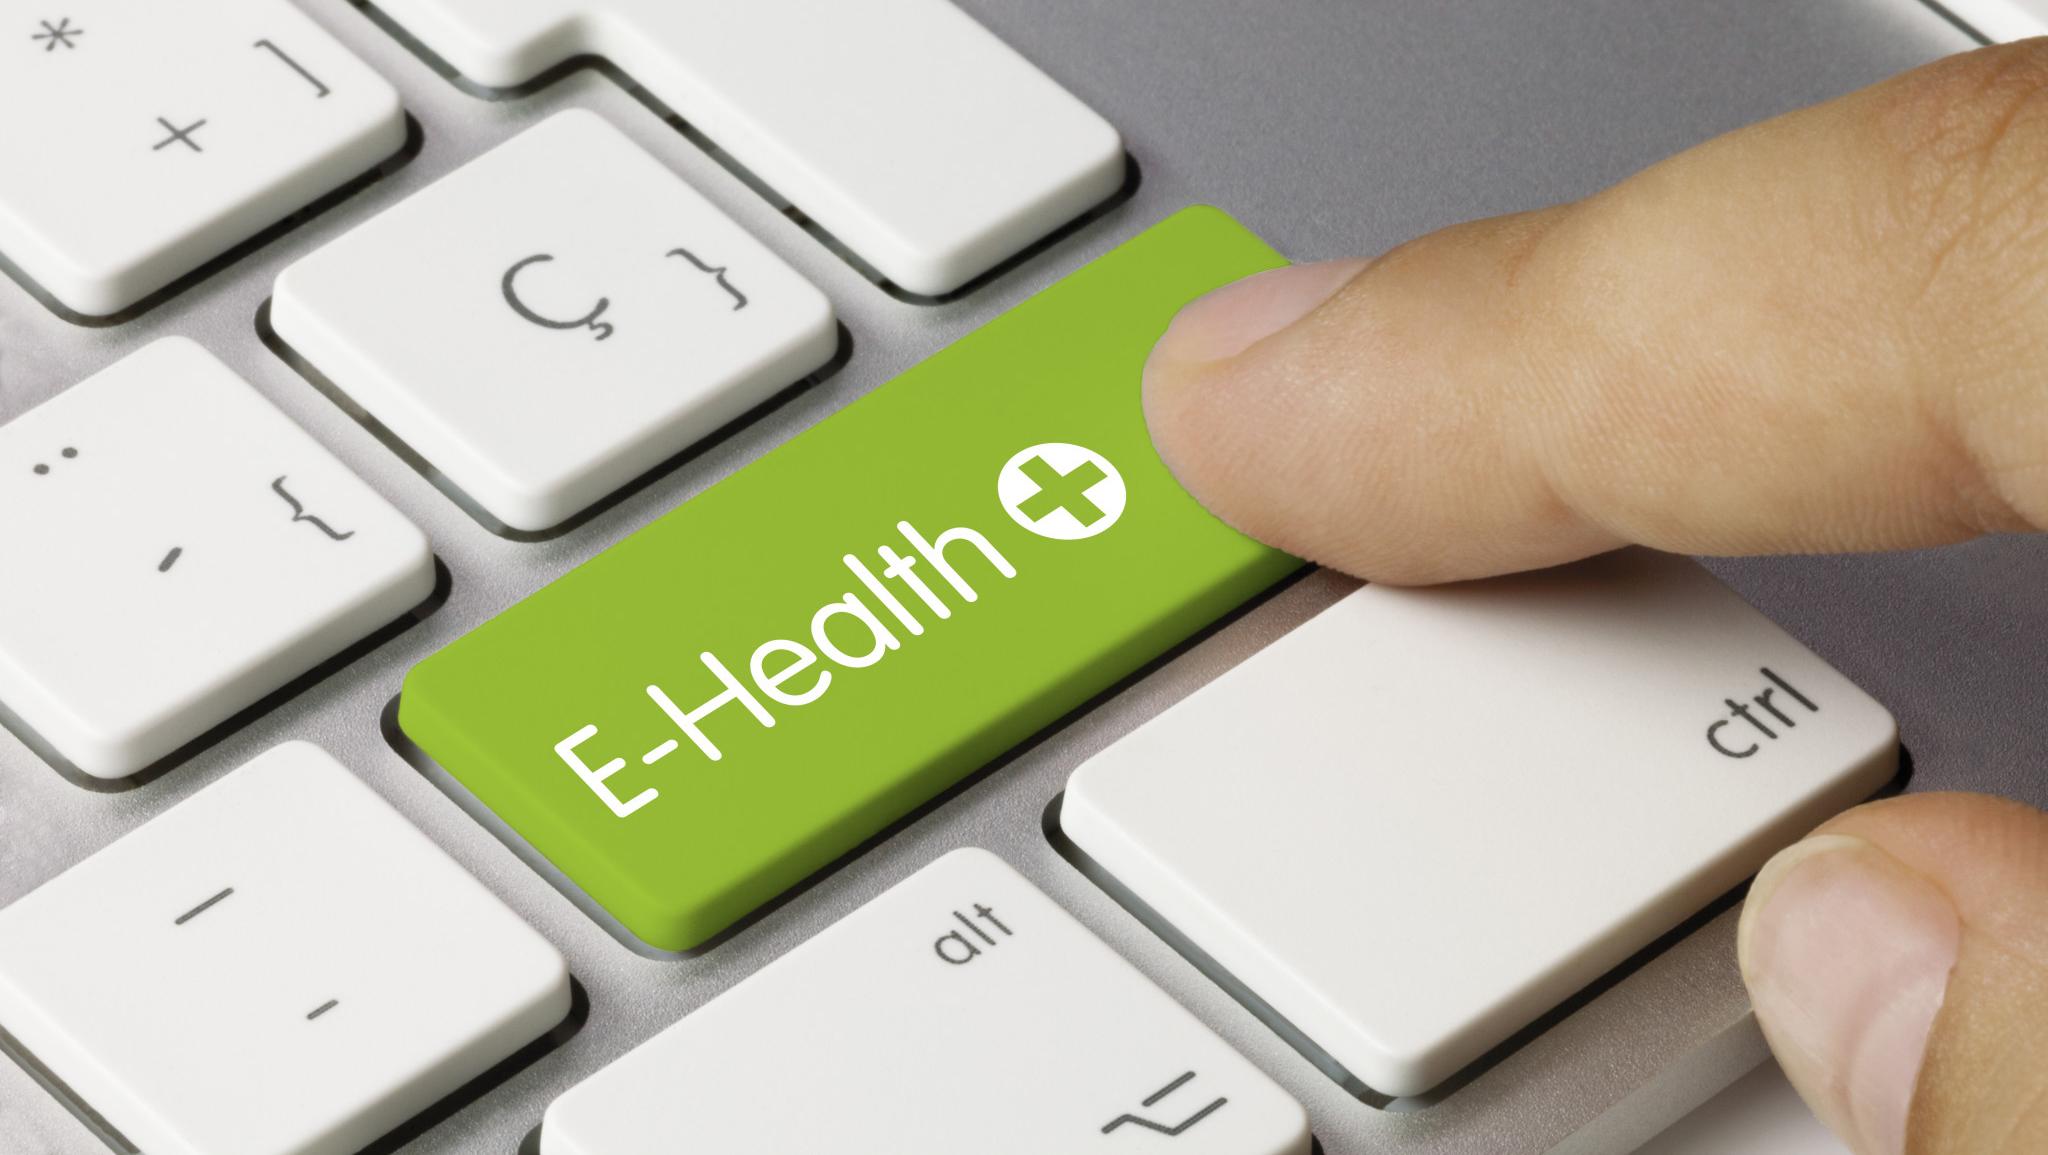 E-santé : 550 millions d'euros sur 5 ans pour la mise en place de deux nouveaux programmes